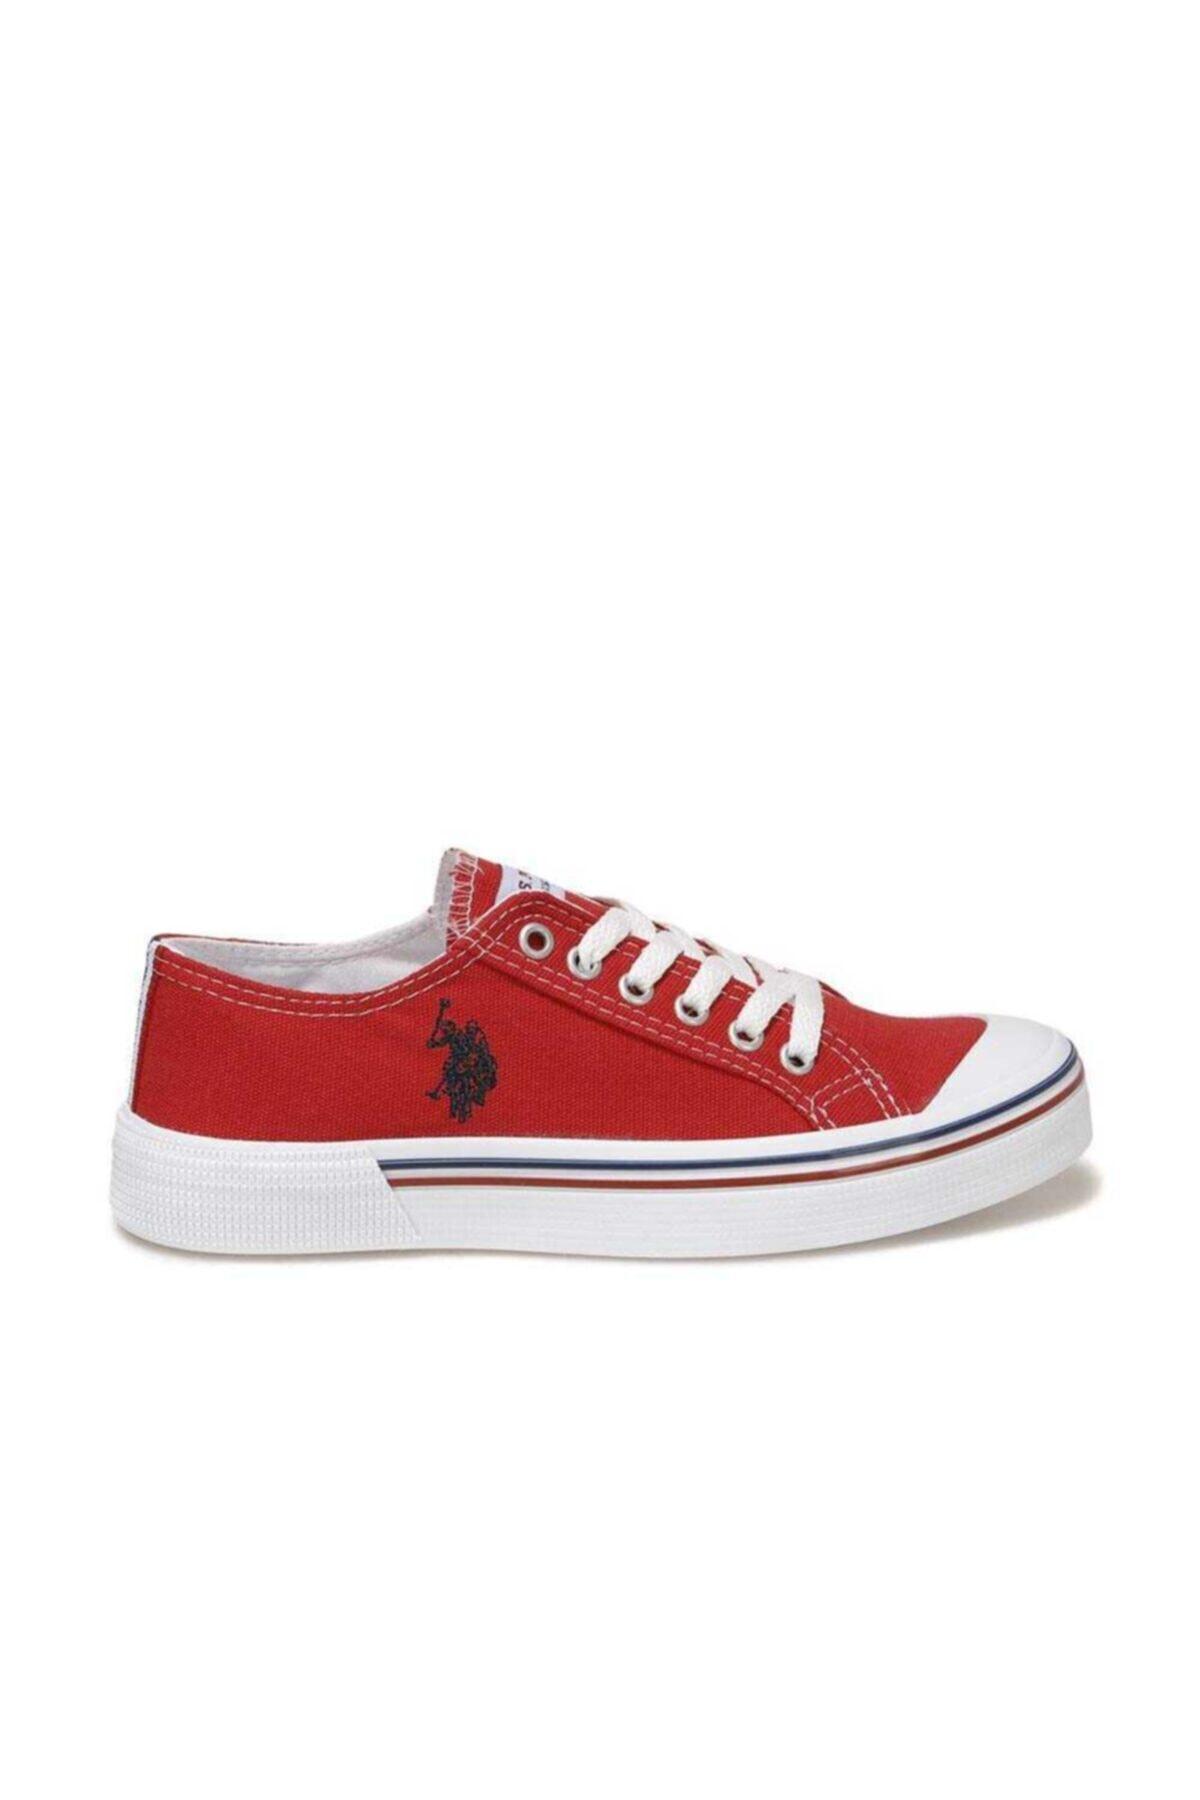 U.S. Polo Assn. PENELOPE 1FX Kırmızı Kız Çocuk Sneaker Ayakkabı 100910626 1